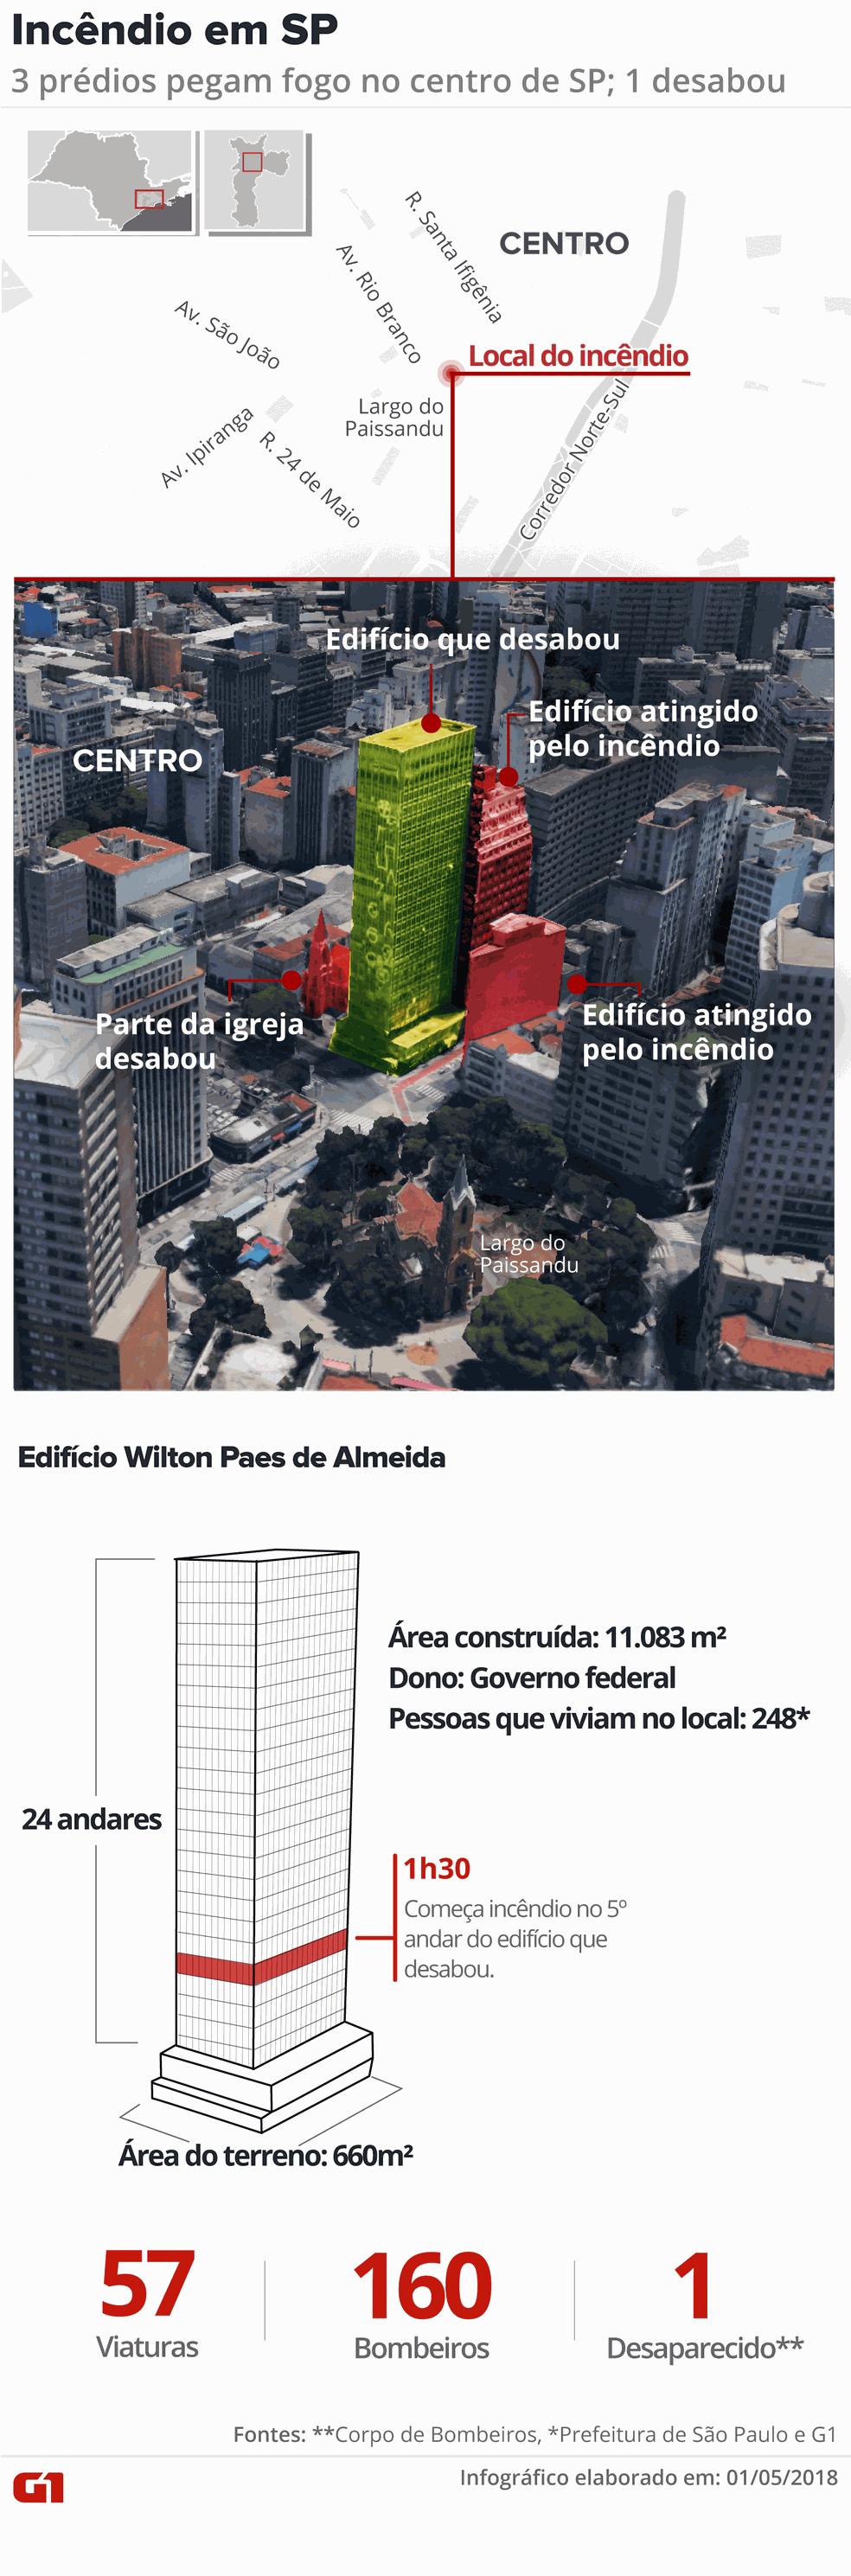 Detalhes do prédio que desabou após pegar fogo no centro de SP (Foto: Juliane Monteiro/G1)